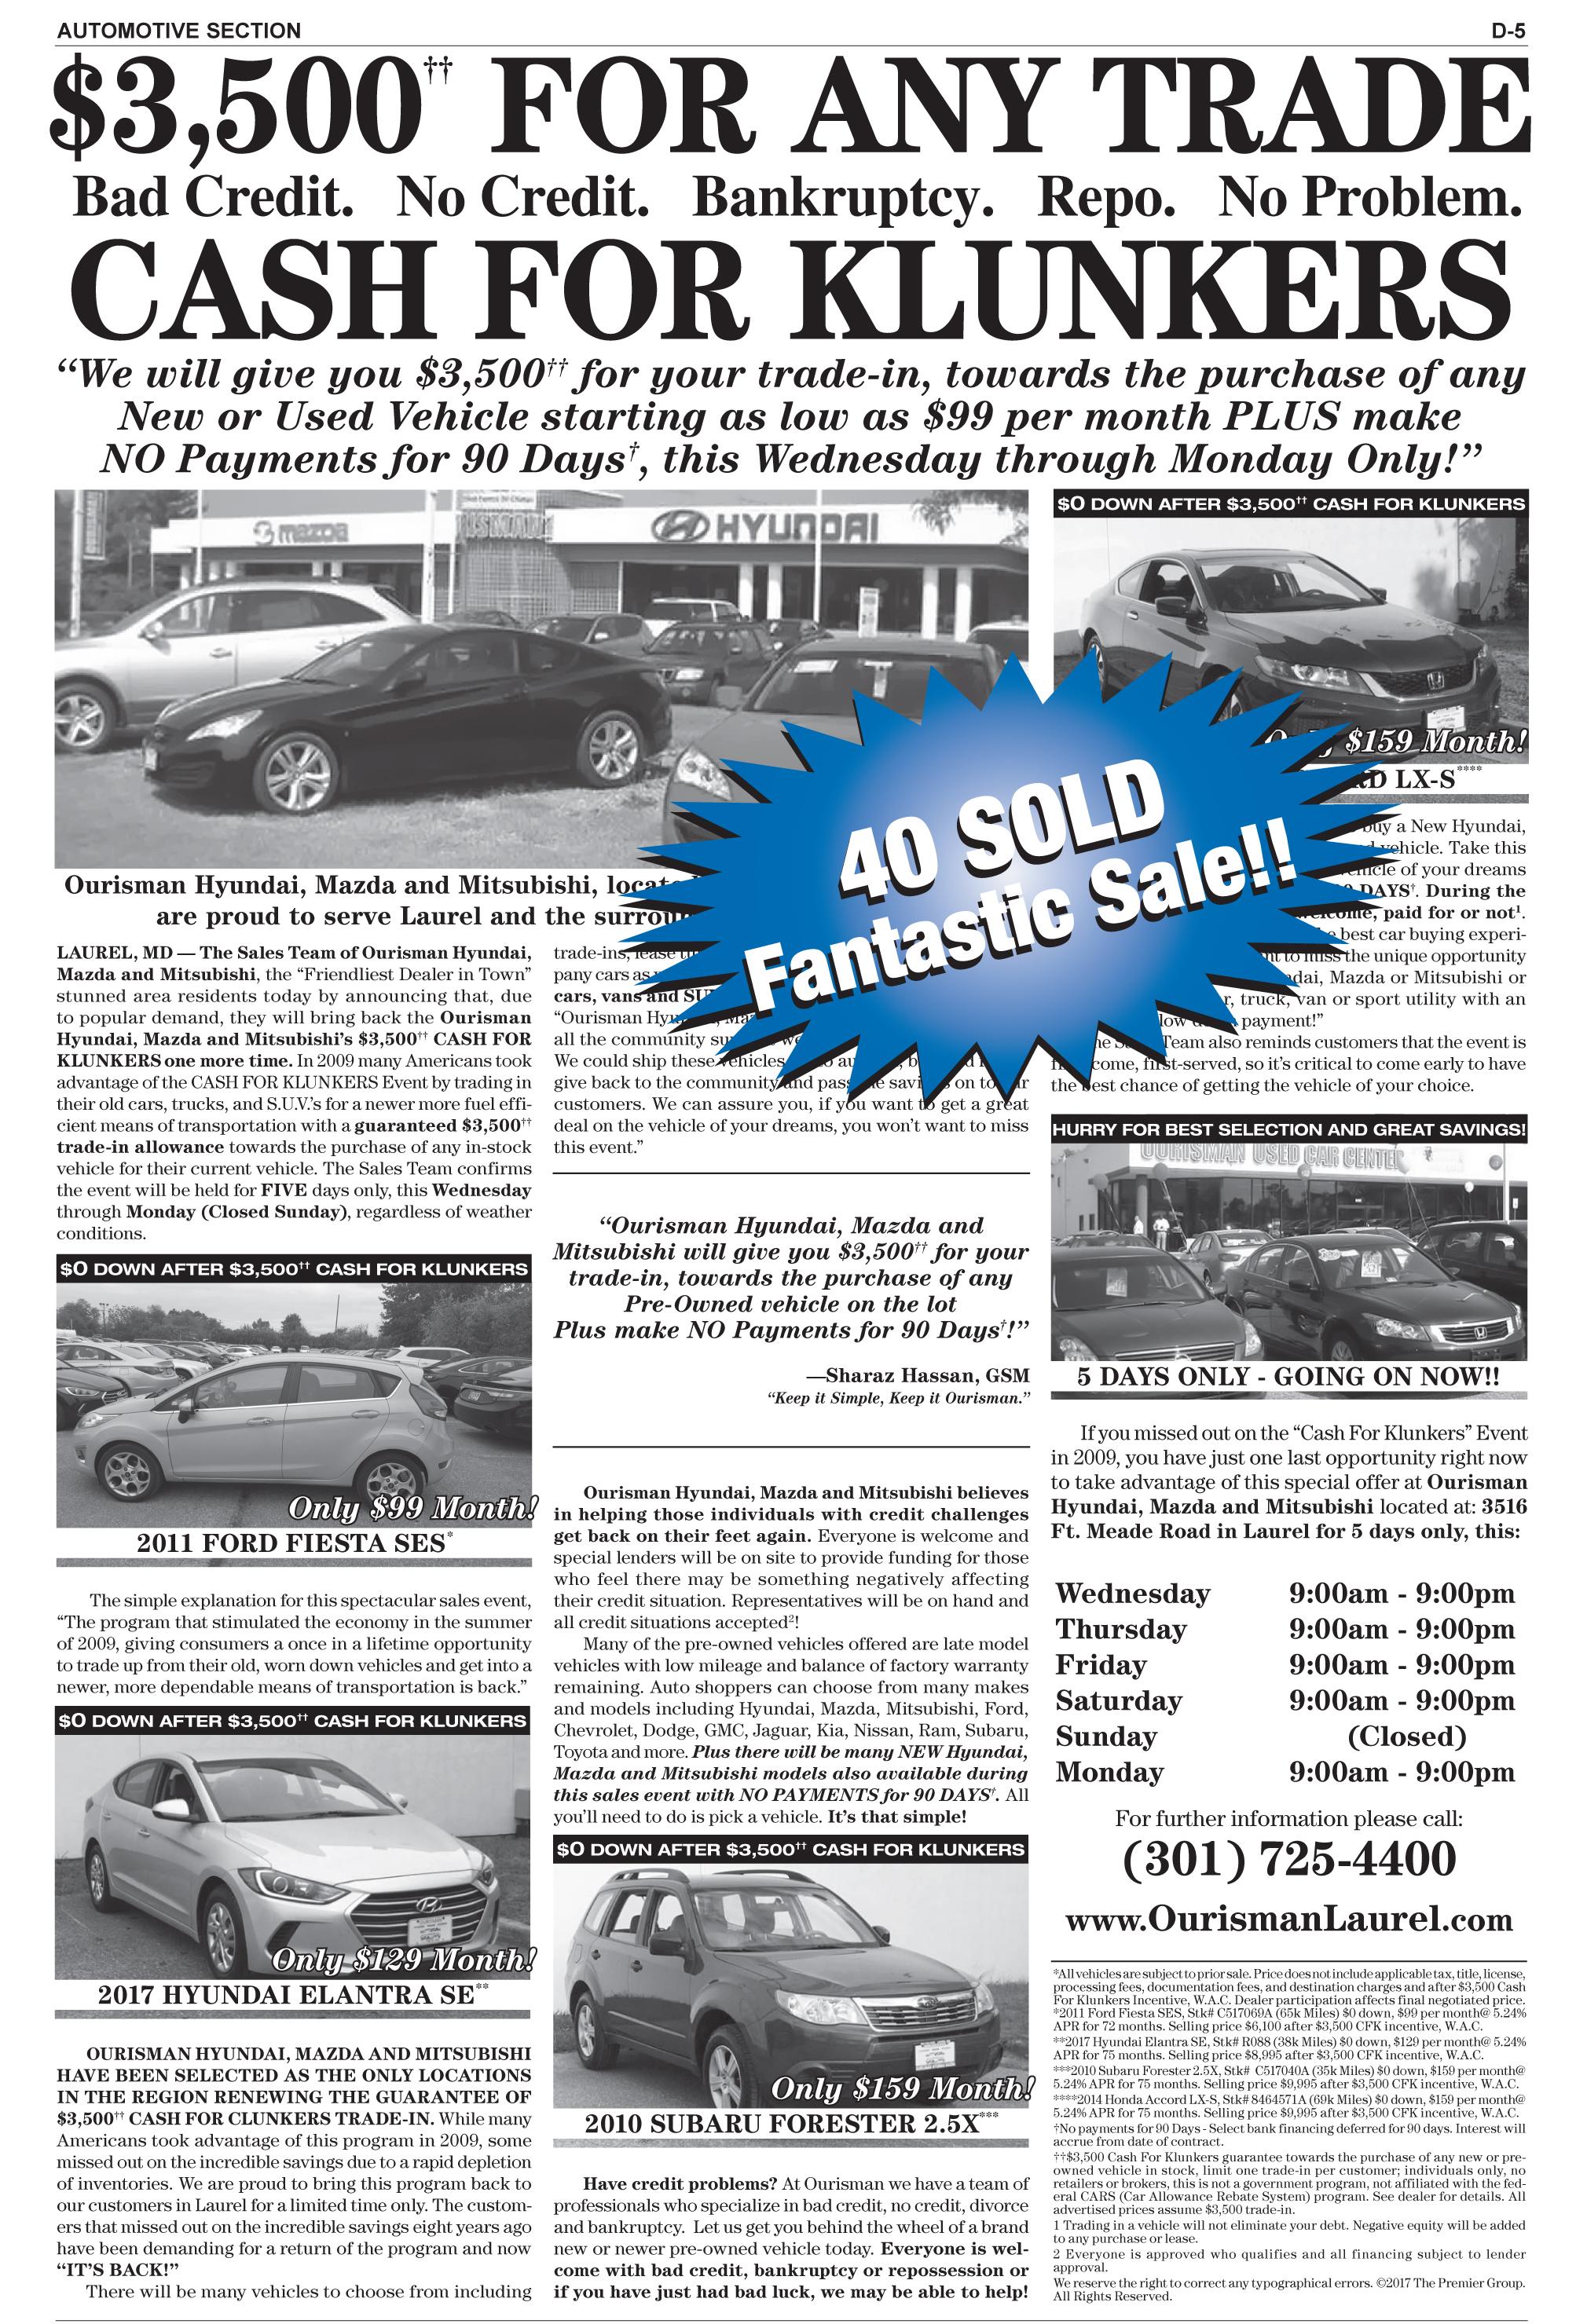 Ourisman Hyundai Mazda Mitsubishi_Credit Forgive-3500 CFK_Used_110117